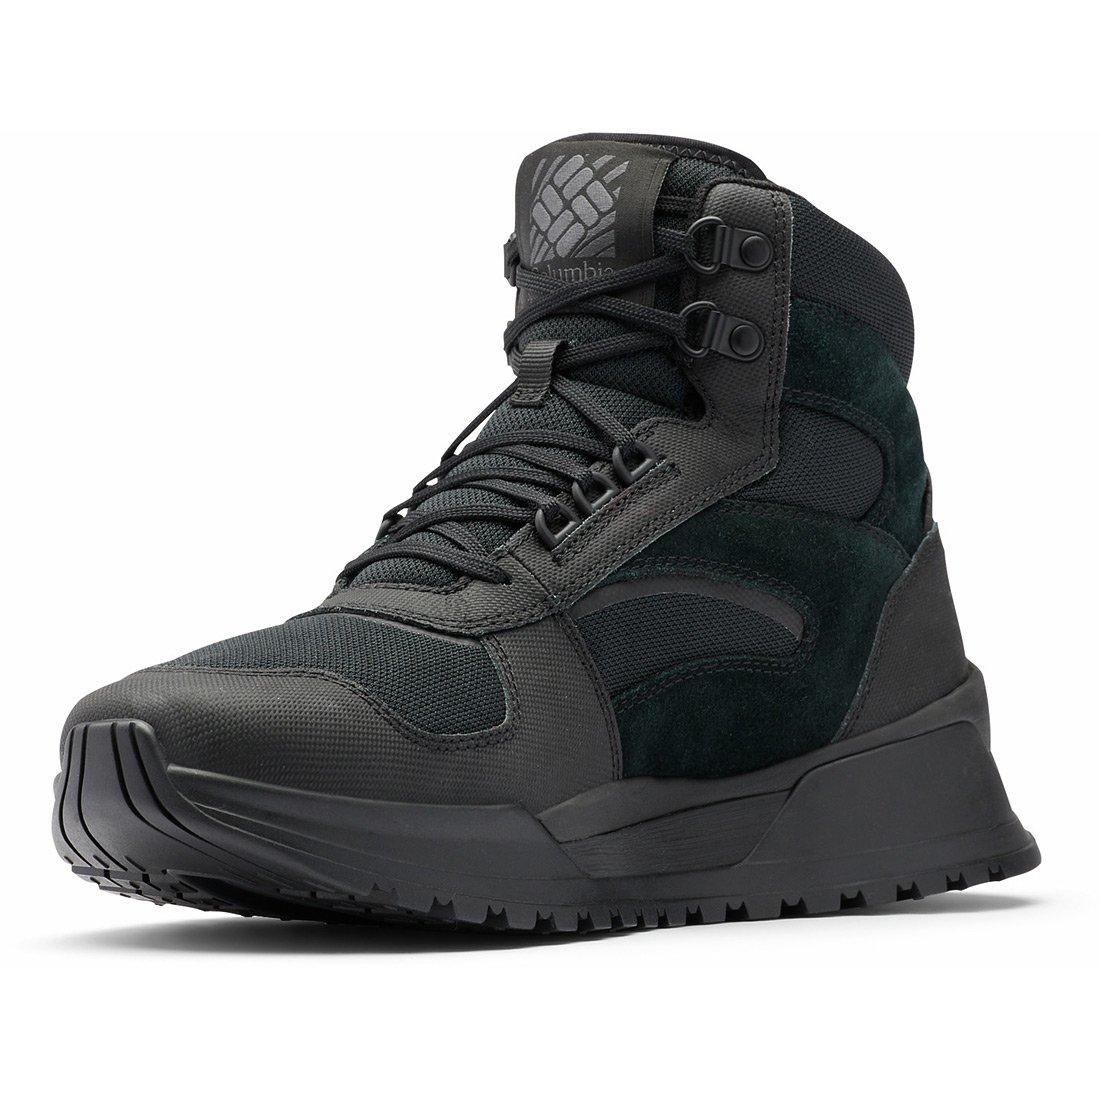 נעליים לגברים - Wildone Nation - Columbia